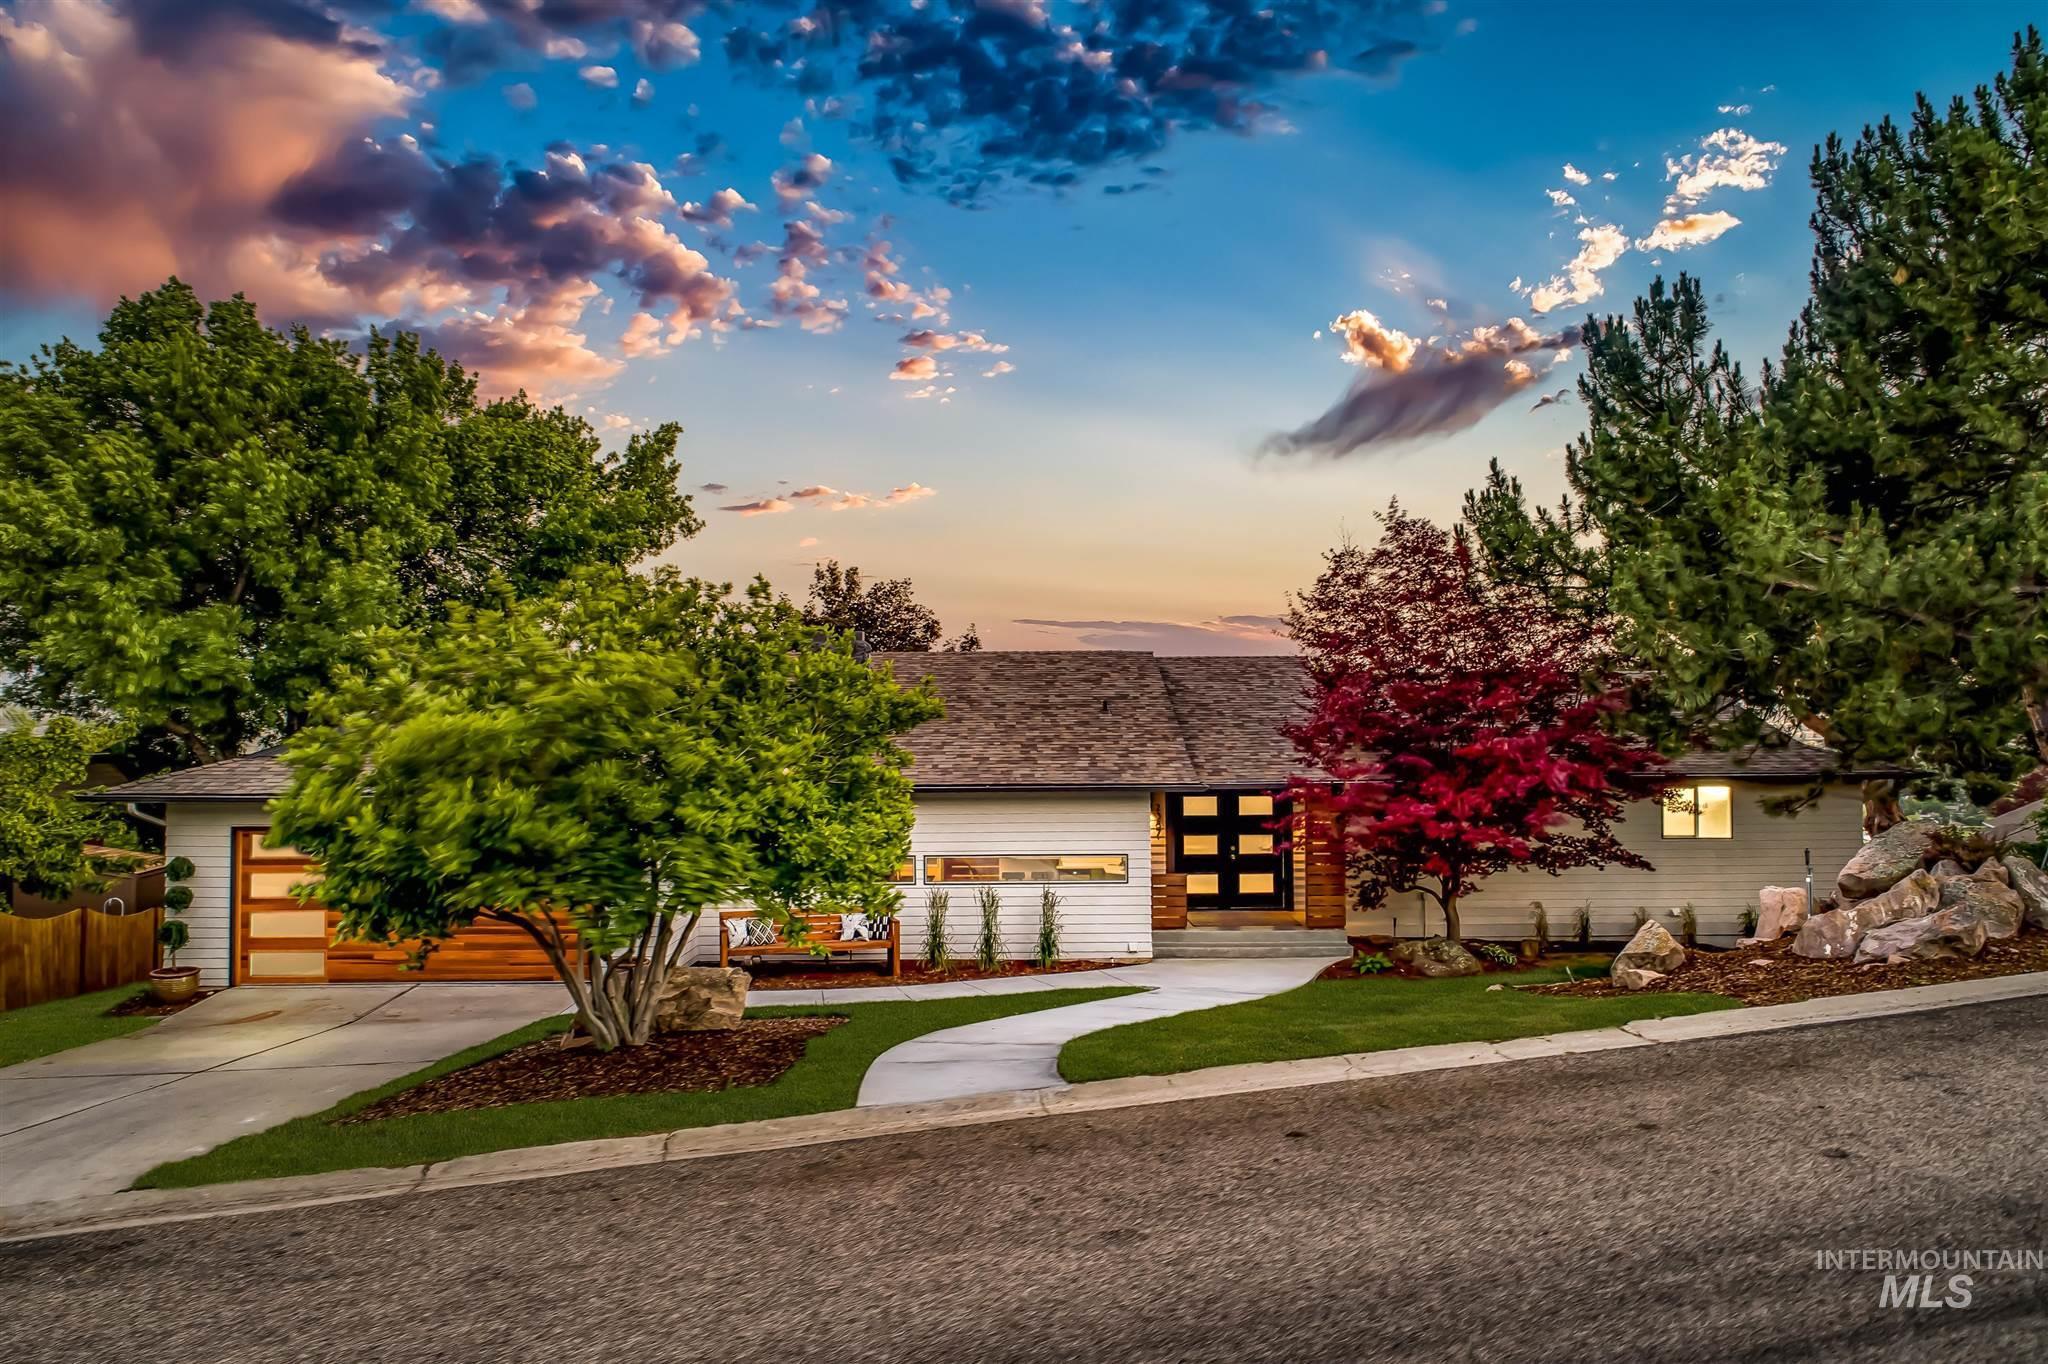 2387 S Ridgeview Way Property Photo